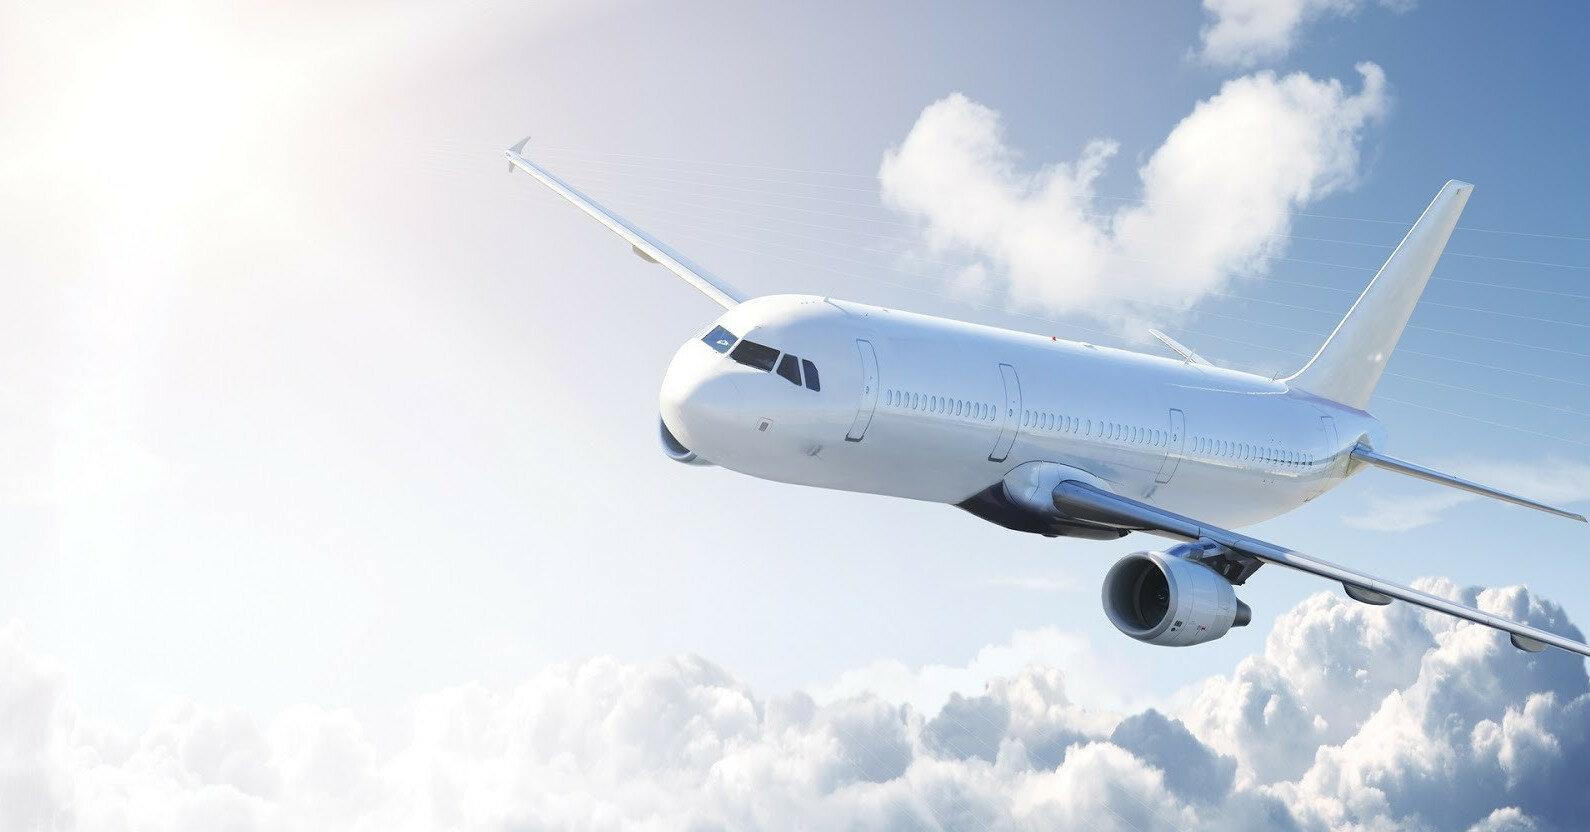 Европейский регулятор приказал авиакомпаниям облетать Беларусь